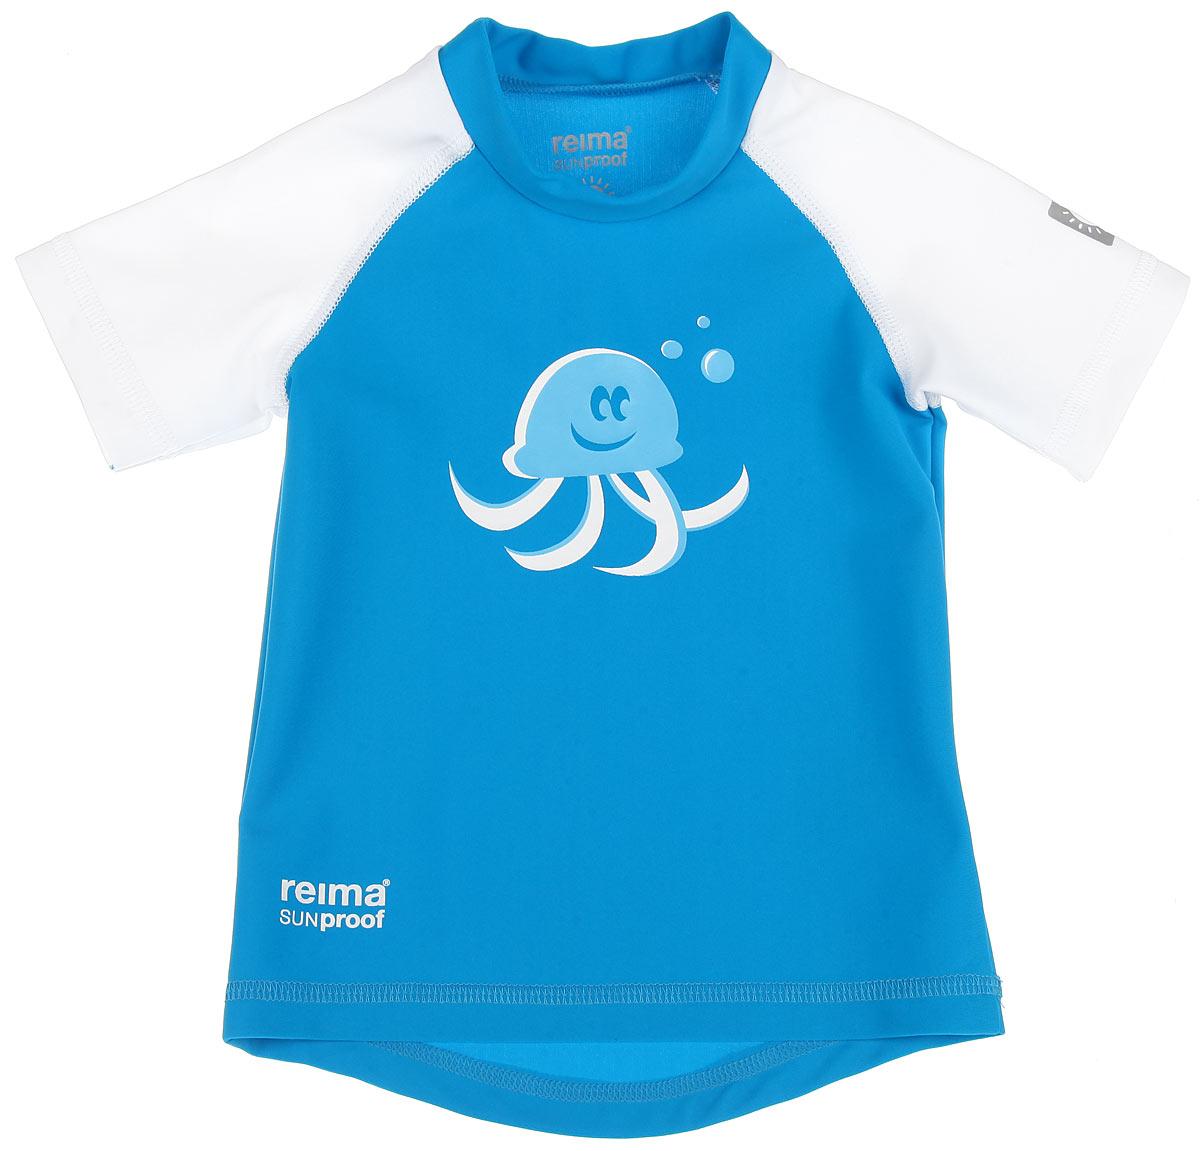 Футболка детская Reima T-Shirt, цвет: синий, белый. 581021-7470. Размер 62581021_7470Детская футболка Reima T-Shirt изготовлена из высококачественного быстросохнущего материала SunProof с УФ-фактором защиты 50+, который обеспечивает великолепную защиту нежной коже. Футболка предназначена для игр на солнце и в воде.Футболка с короткими рукавами-реглан и круглым вырезом горловины оформлена термоаппликацией с изображением осьминога. Спинка модели удлинена, что обеспечивает защиту, как в воде, так и на песке. Такая футболка, несомненно, понравится вашему ребенку и послужит отличным дополнением к детскому гардеробу!